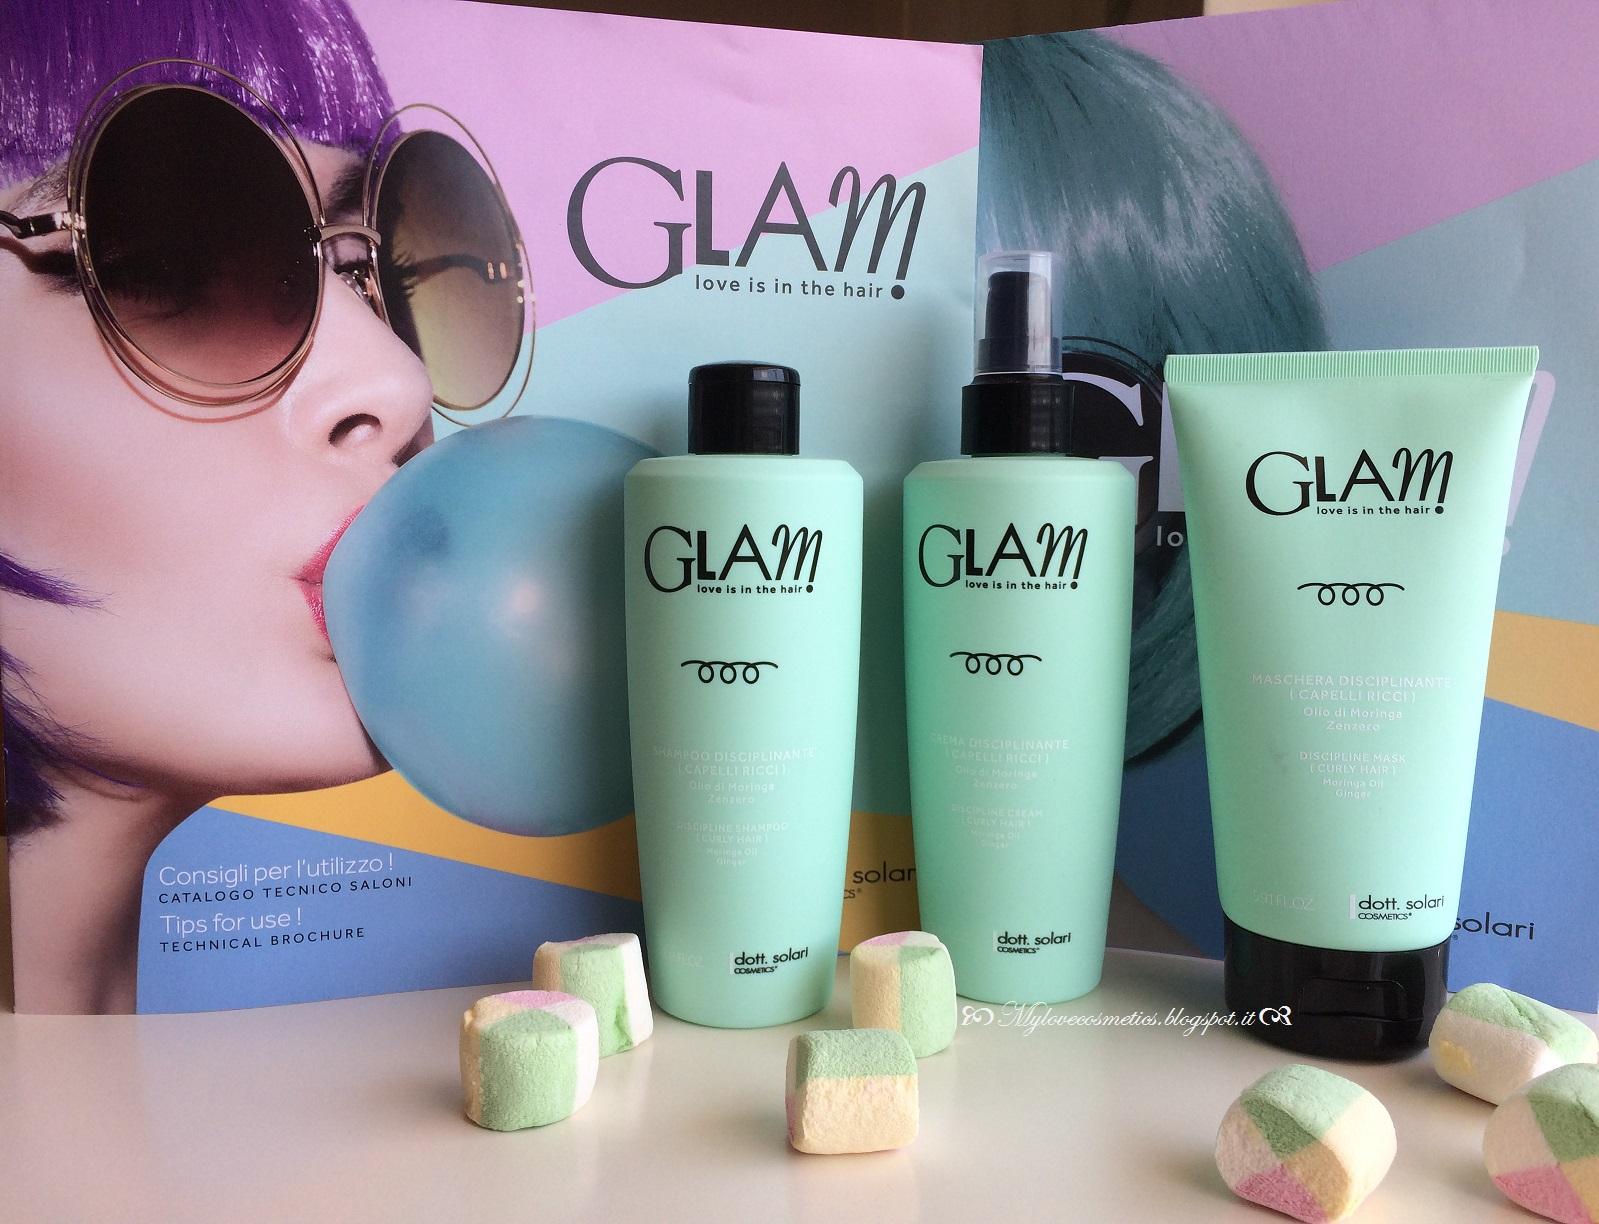 Applicare lo Shampoo Glam disciplinante massaggiando dolcemente cute e  lunghezze f359a32eda68